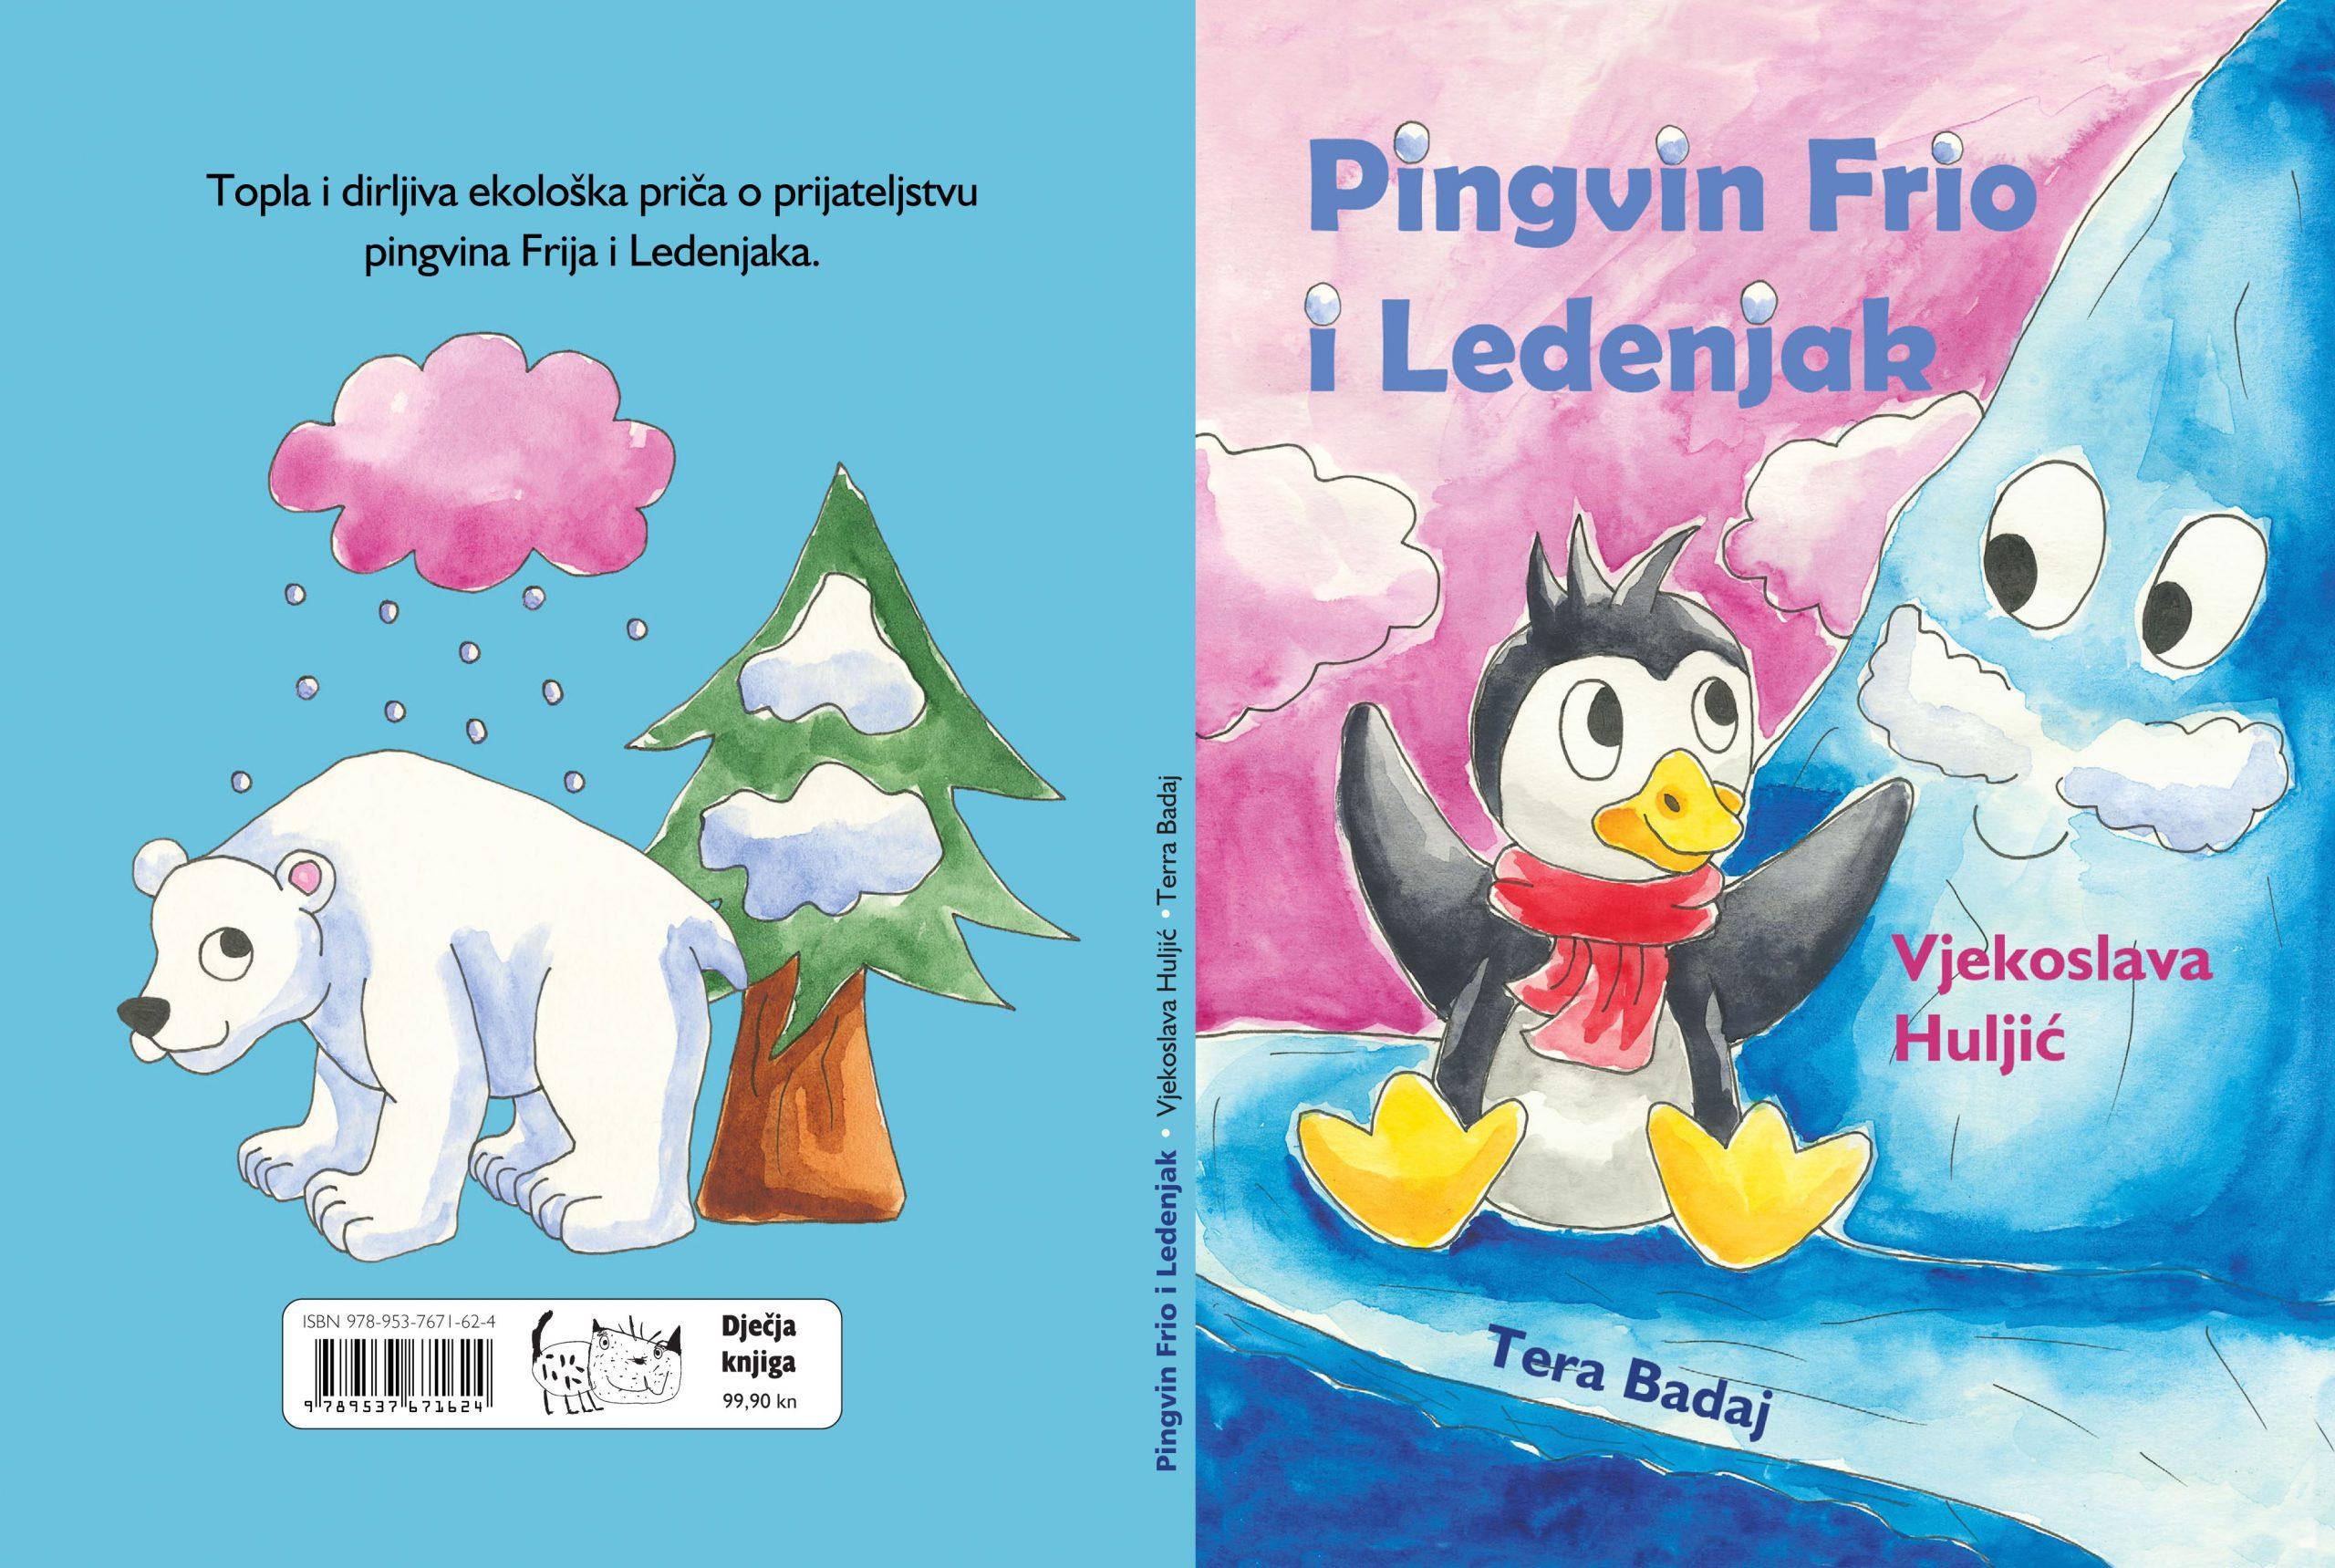 Slikovnica za djecu o ekologiji i prijateljstvu